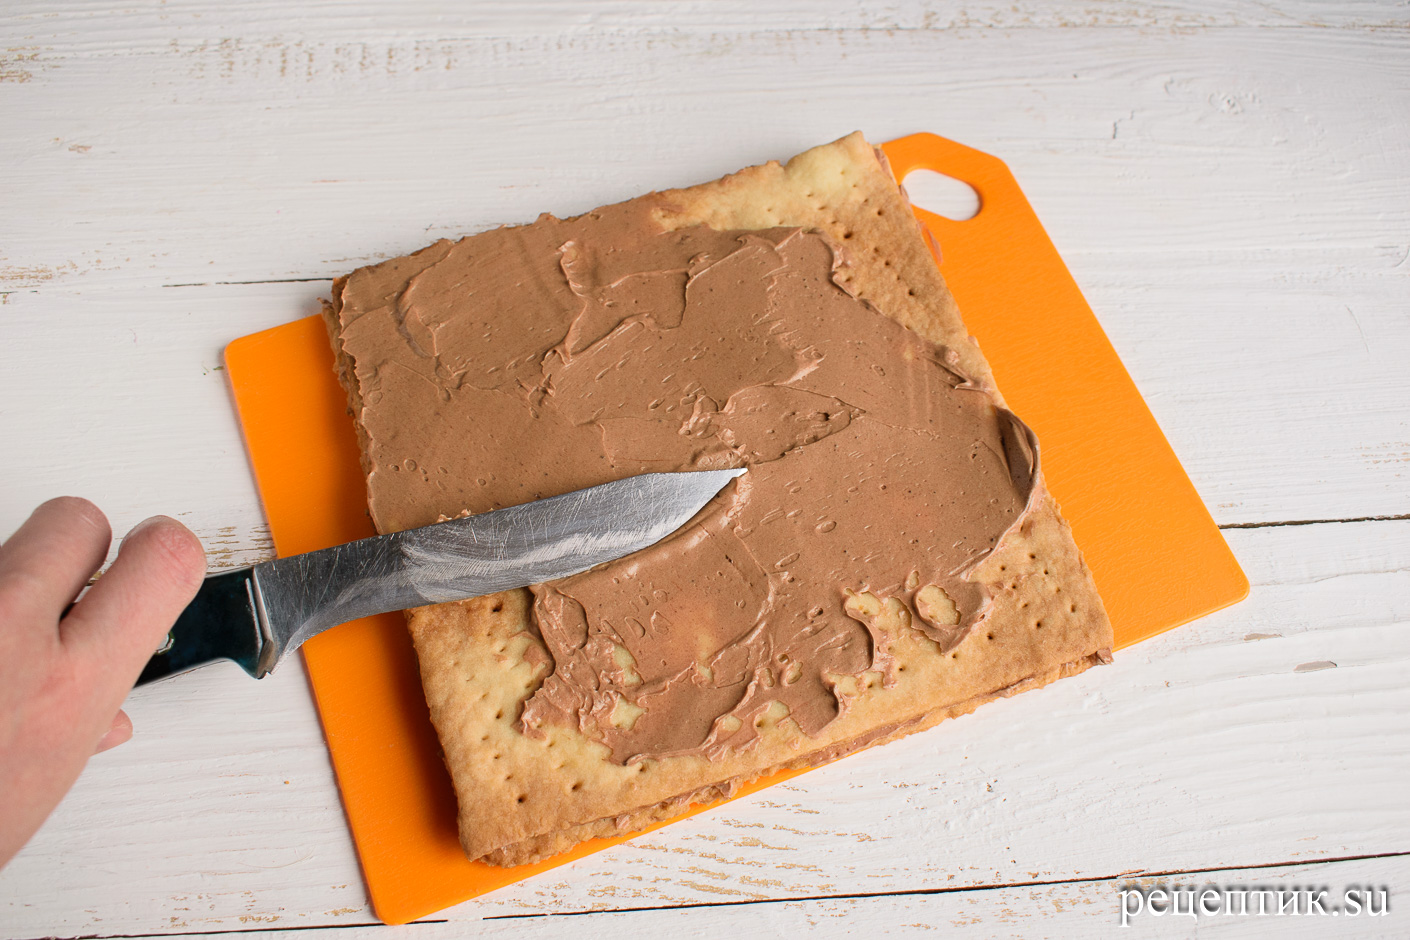 Торт «Ленинградский» — песочный торт с шоколадным масляным кремом - рецепт с фото, шаг 16